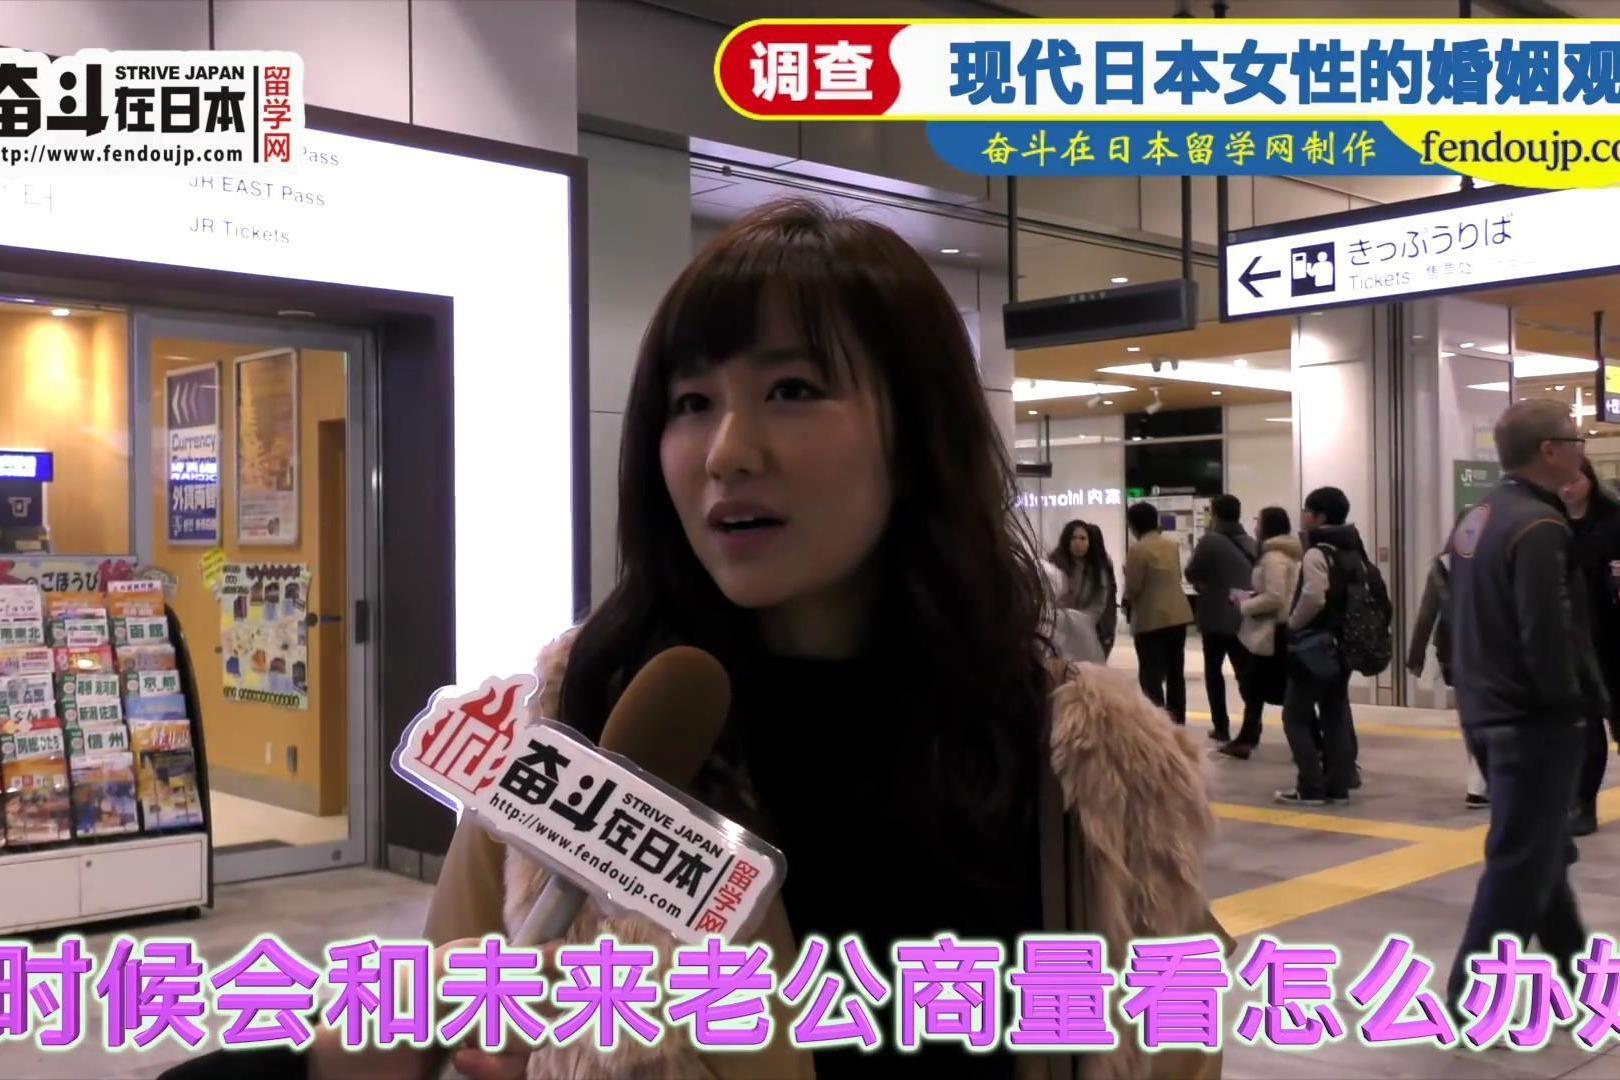 日本街访,现代日本女性的婚姻观念是怎样的呢?